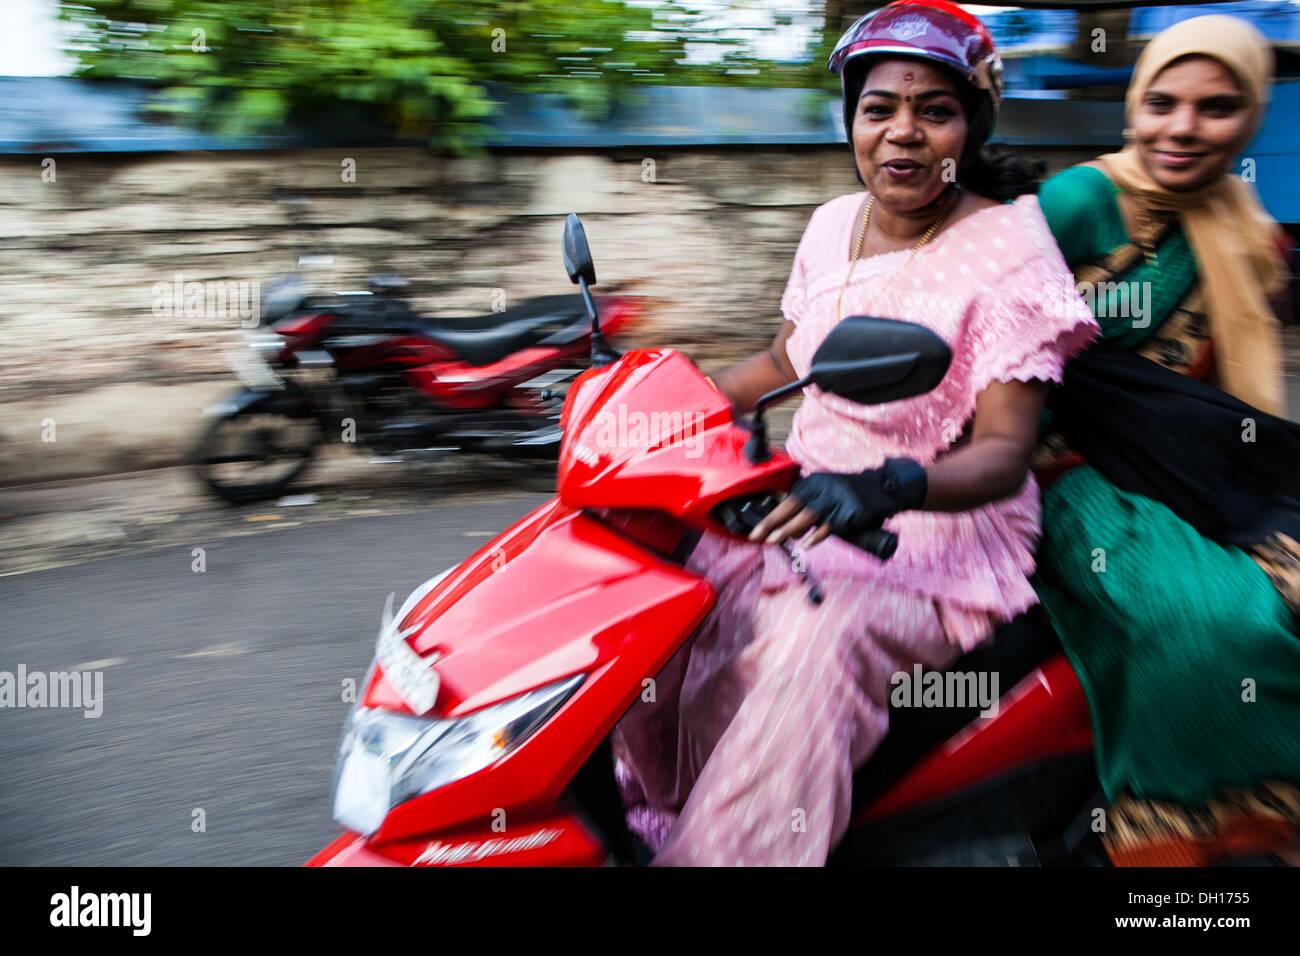 Panorama Bild von einheimischen Frauen auf einem Moped, Cochin, Indien Stockbild